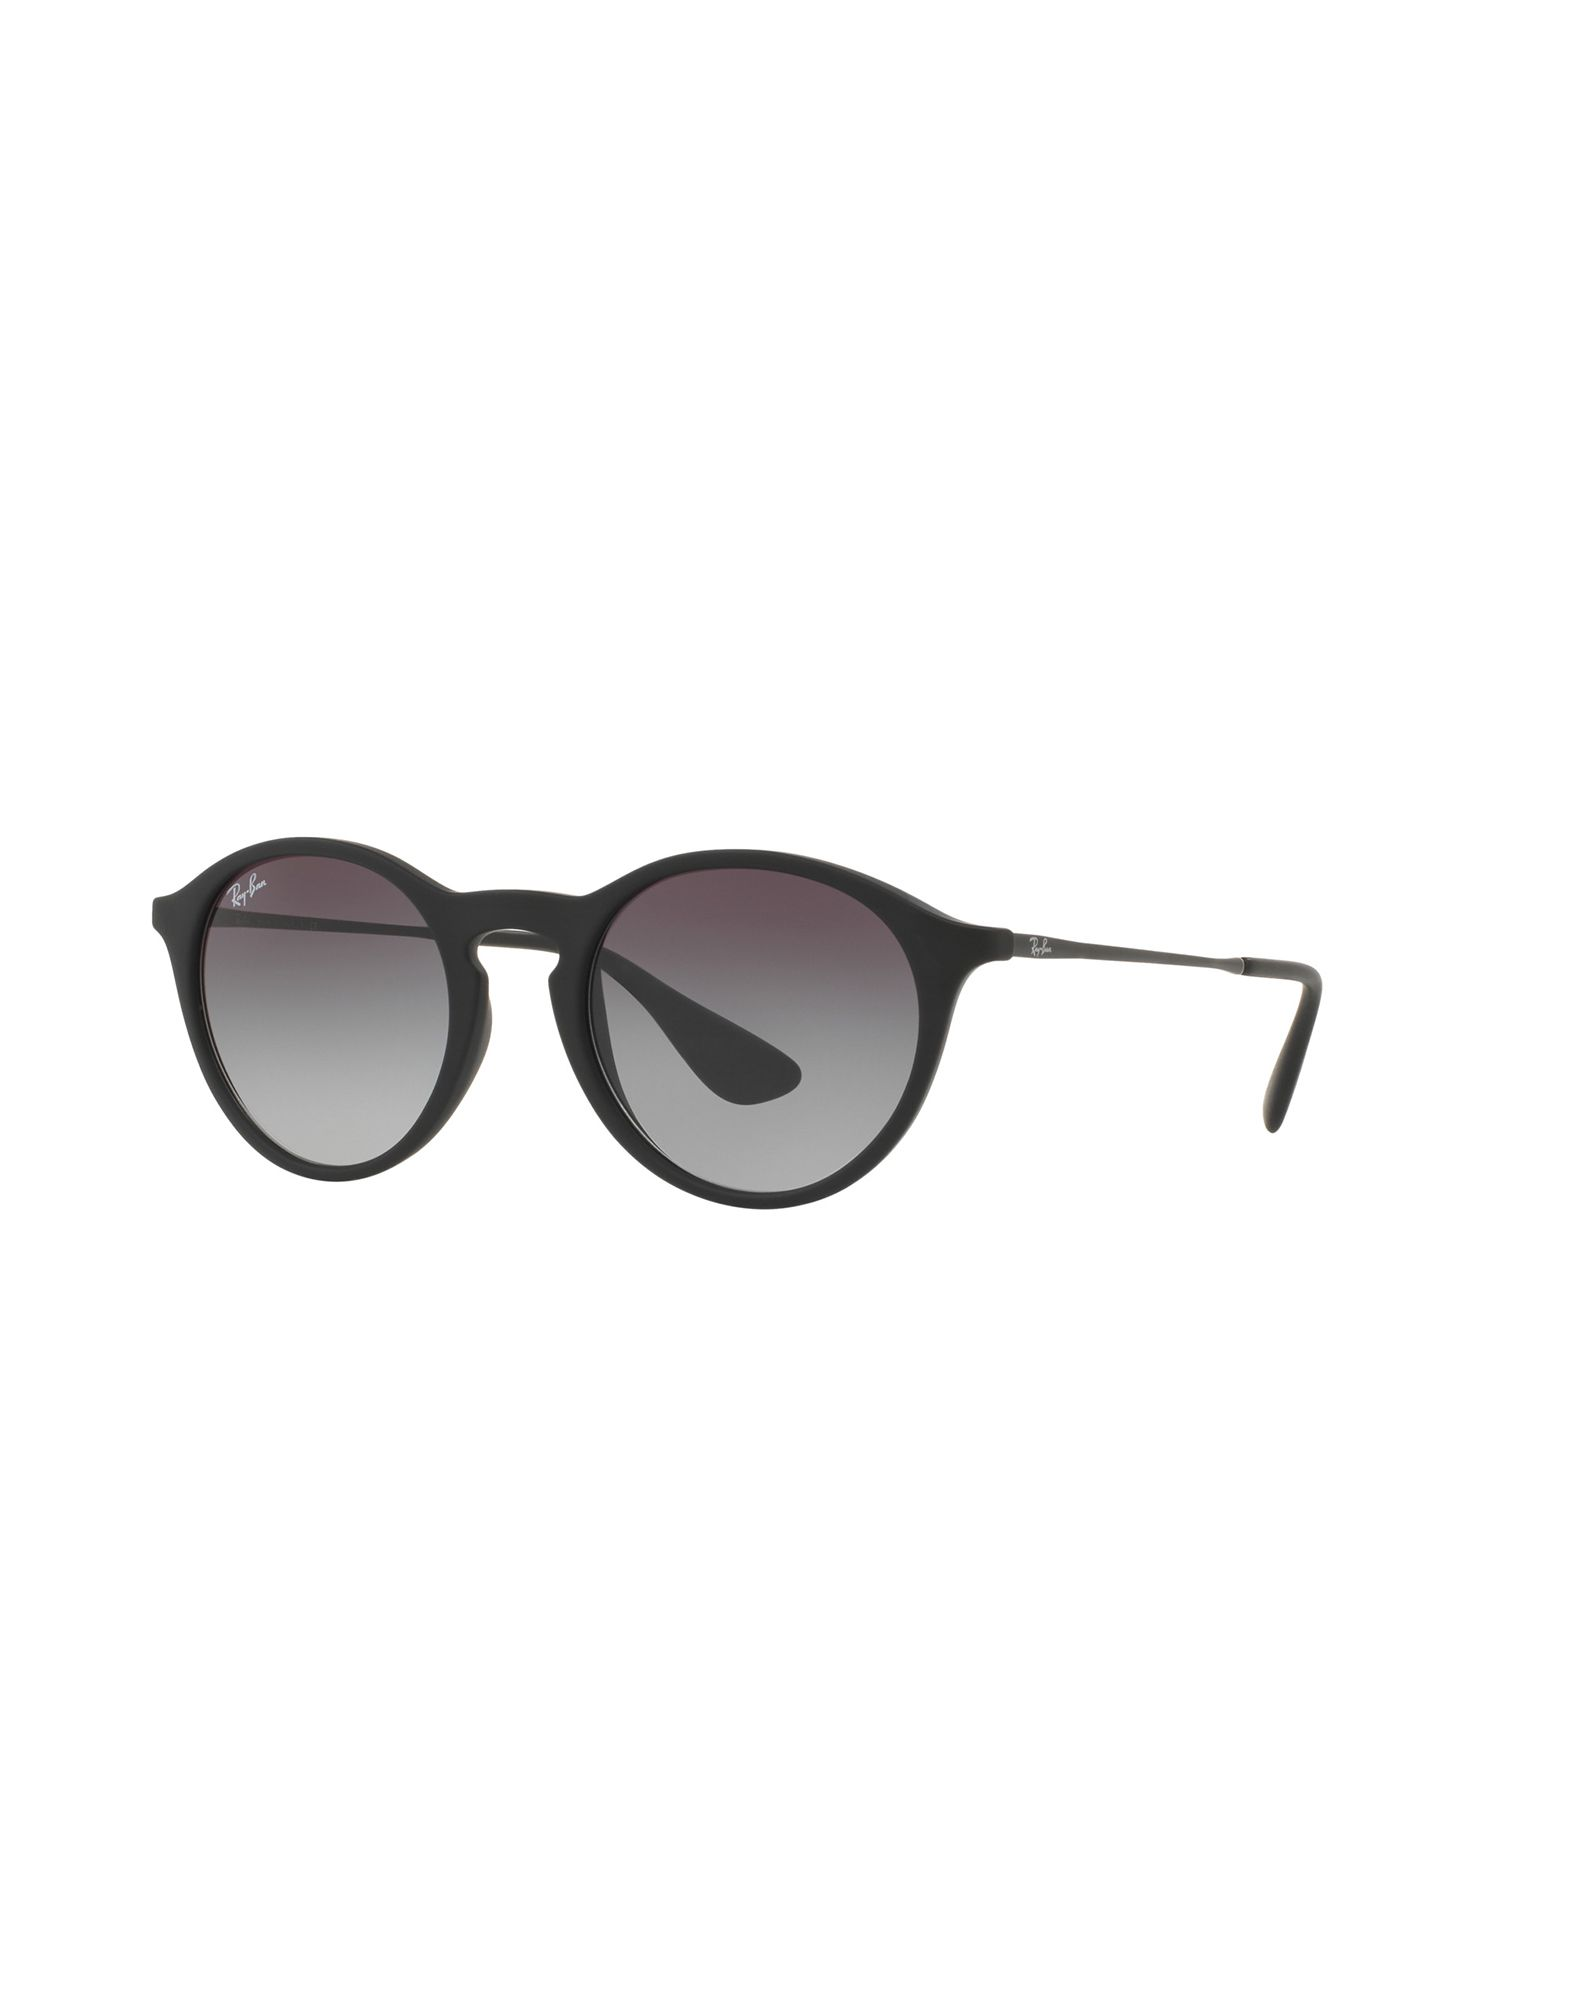 Occhiali Da Sole Ray-Ban Rb4243 - Uomo - Acquista online su